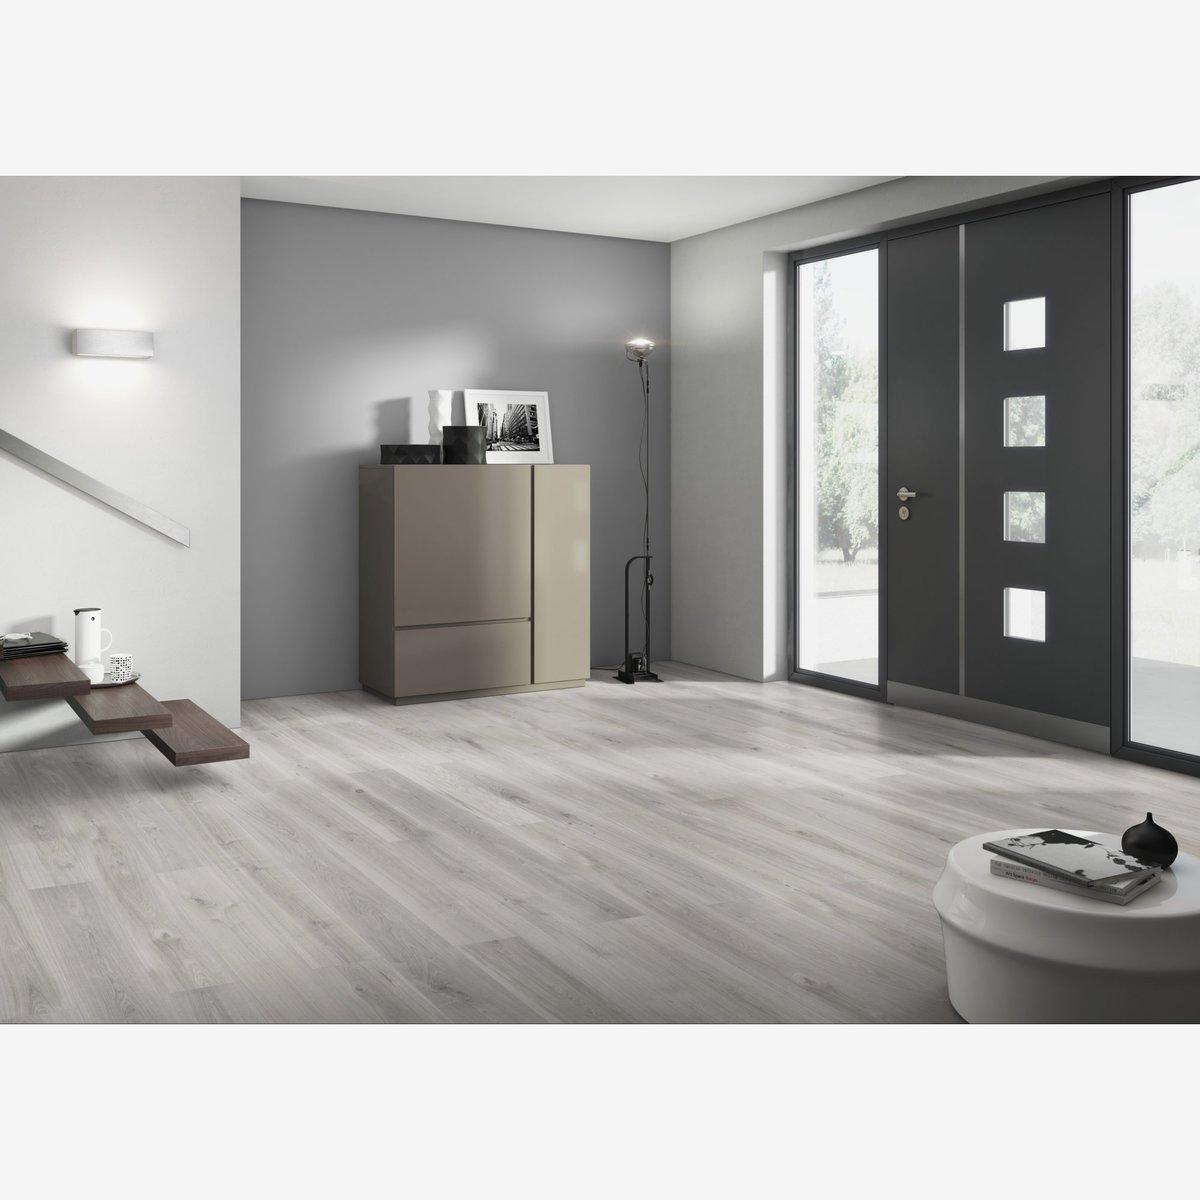 Bild 1 von toomEigenmarken -              toom Greenvinyl Eiche grau